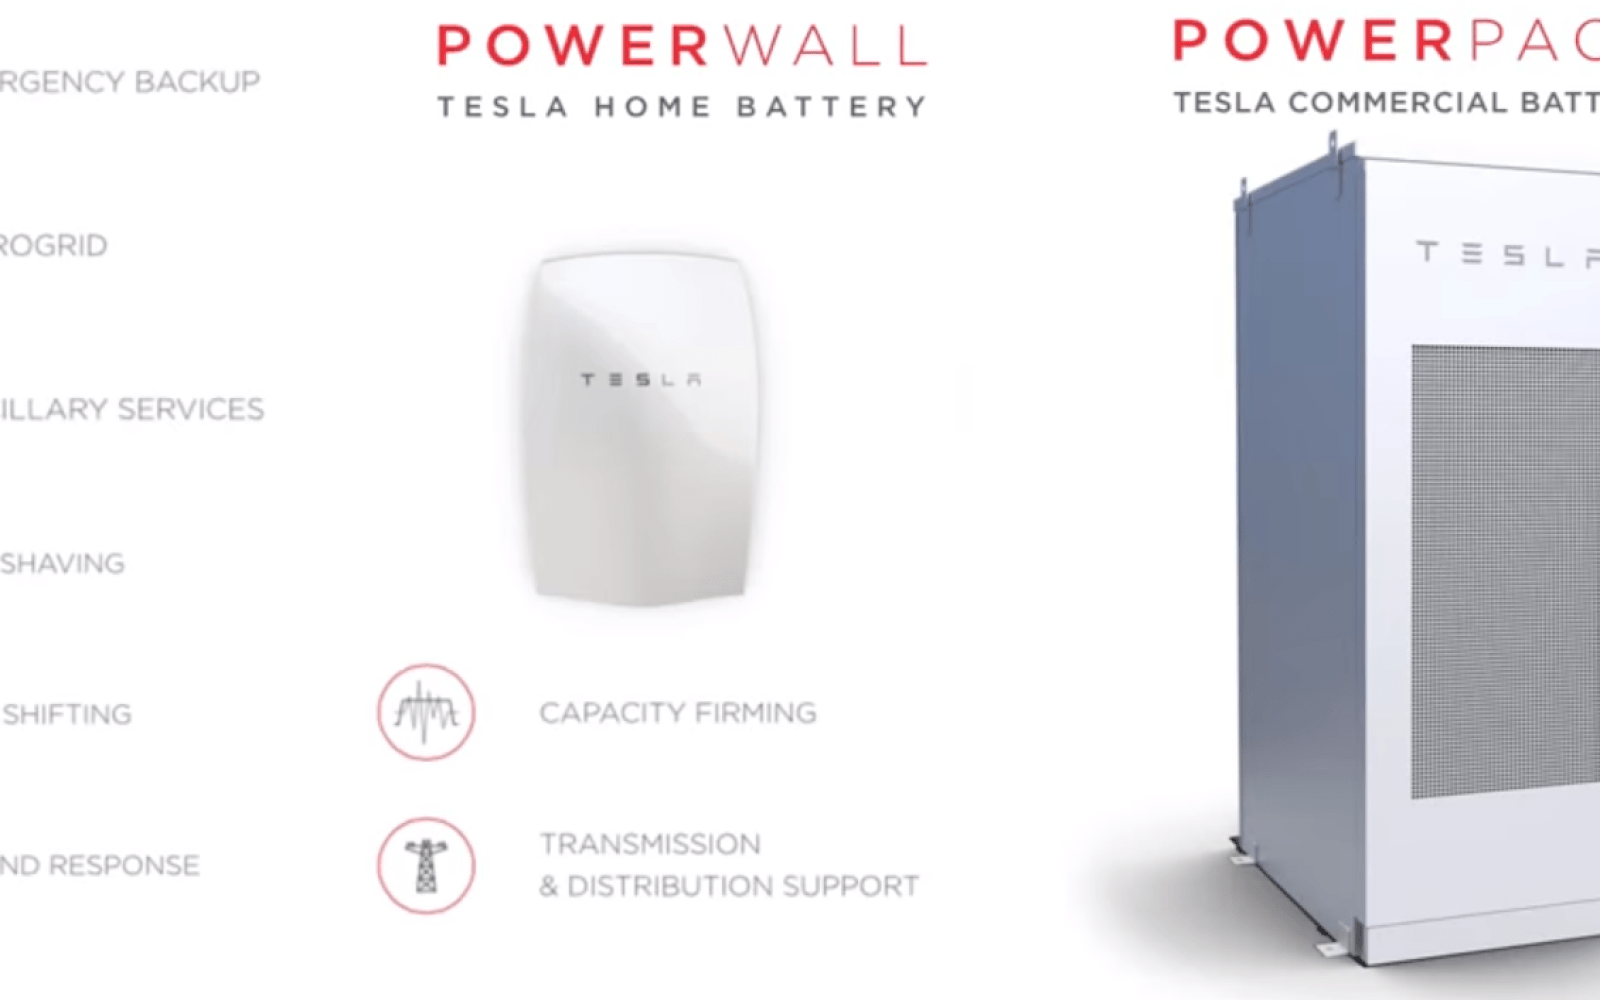 Tesla Energy executive talks 'next gen inverter', hints at